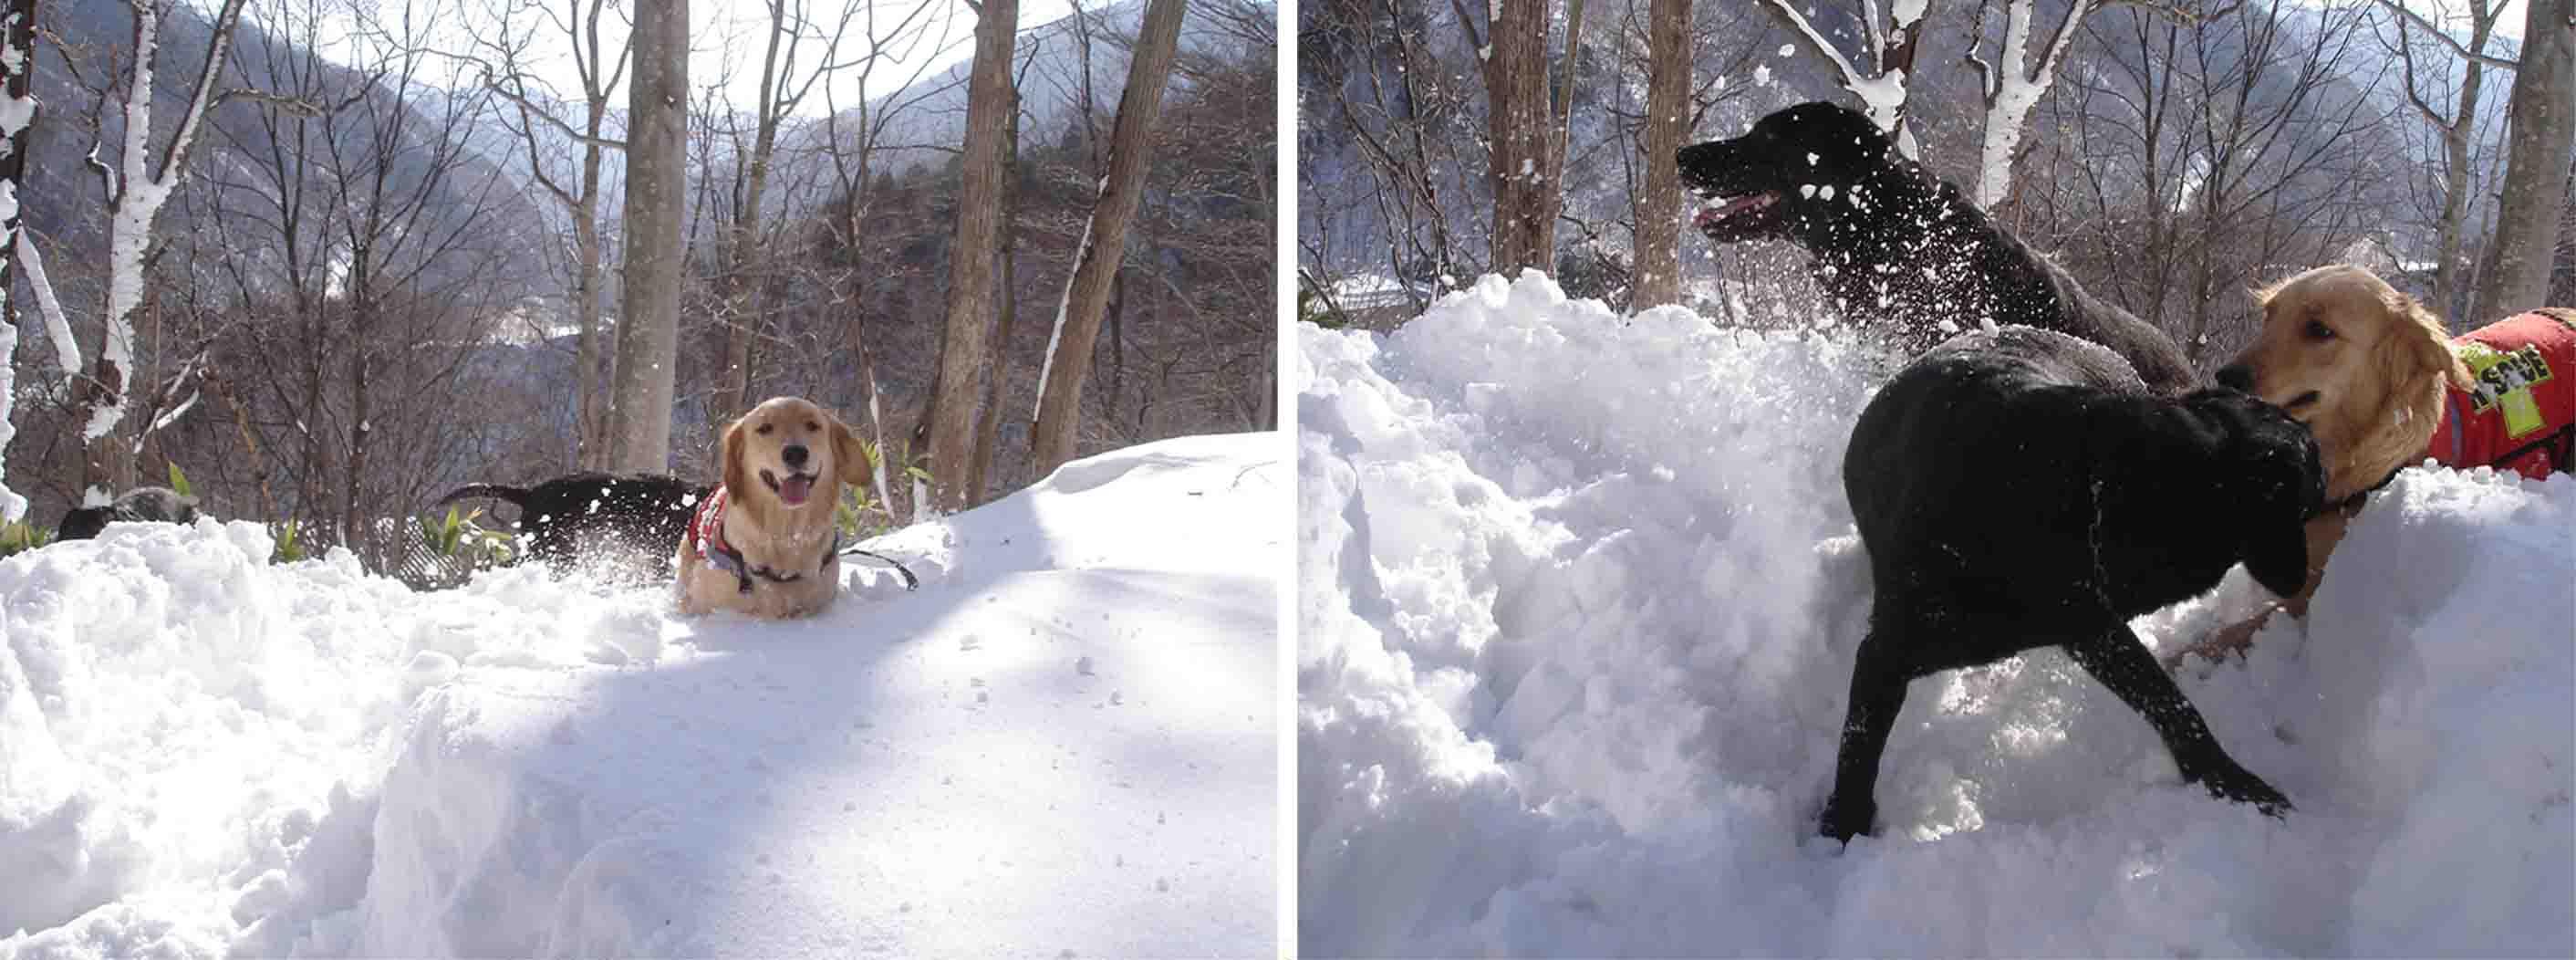 雪中デビューゴールデンと黒ラブ②